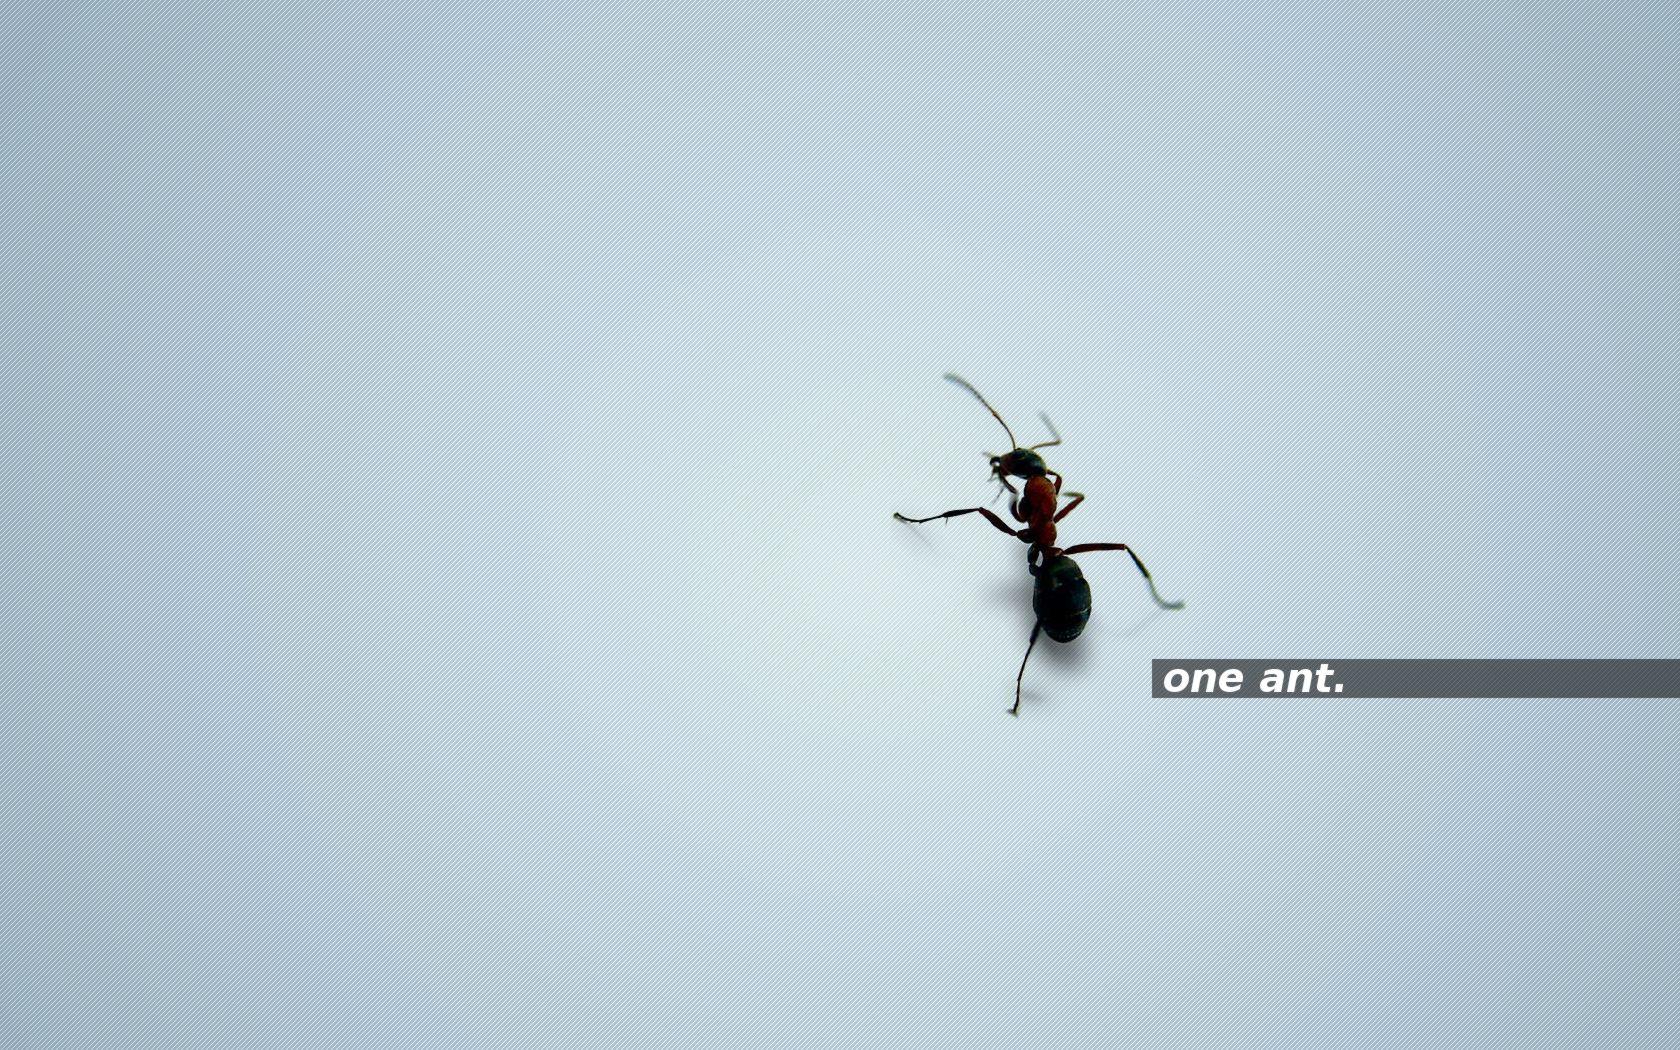 one ant. brightblue by 10r